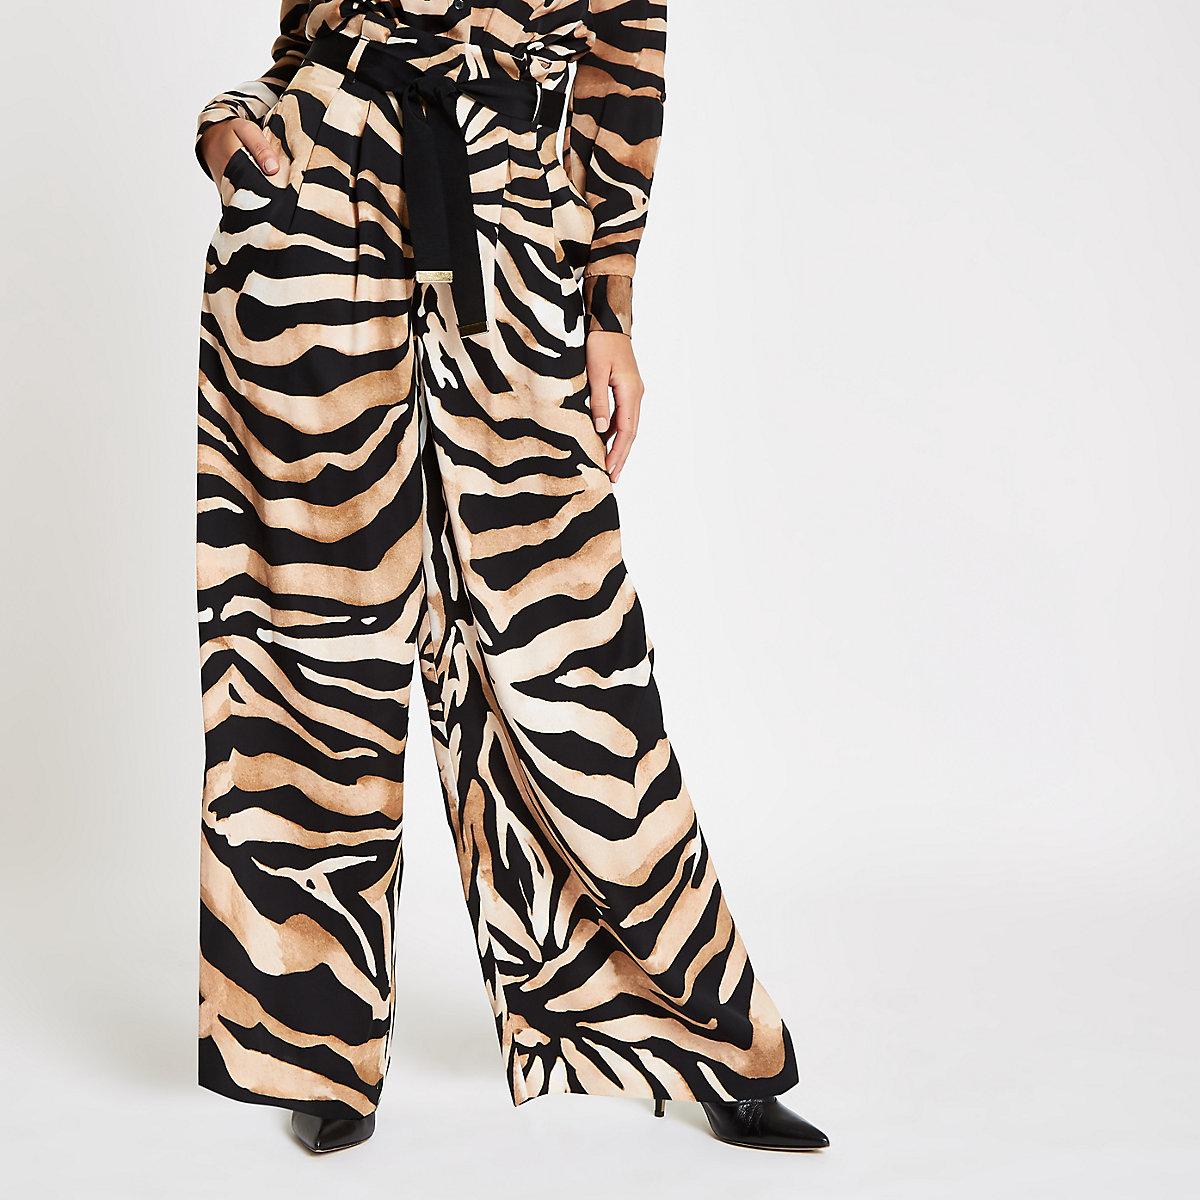 Brown wide leg tiger print pants